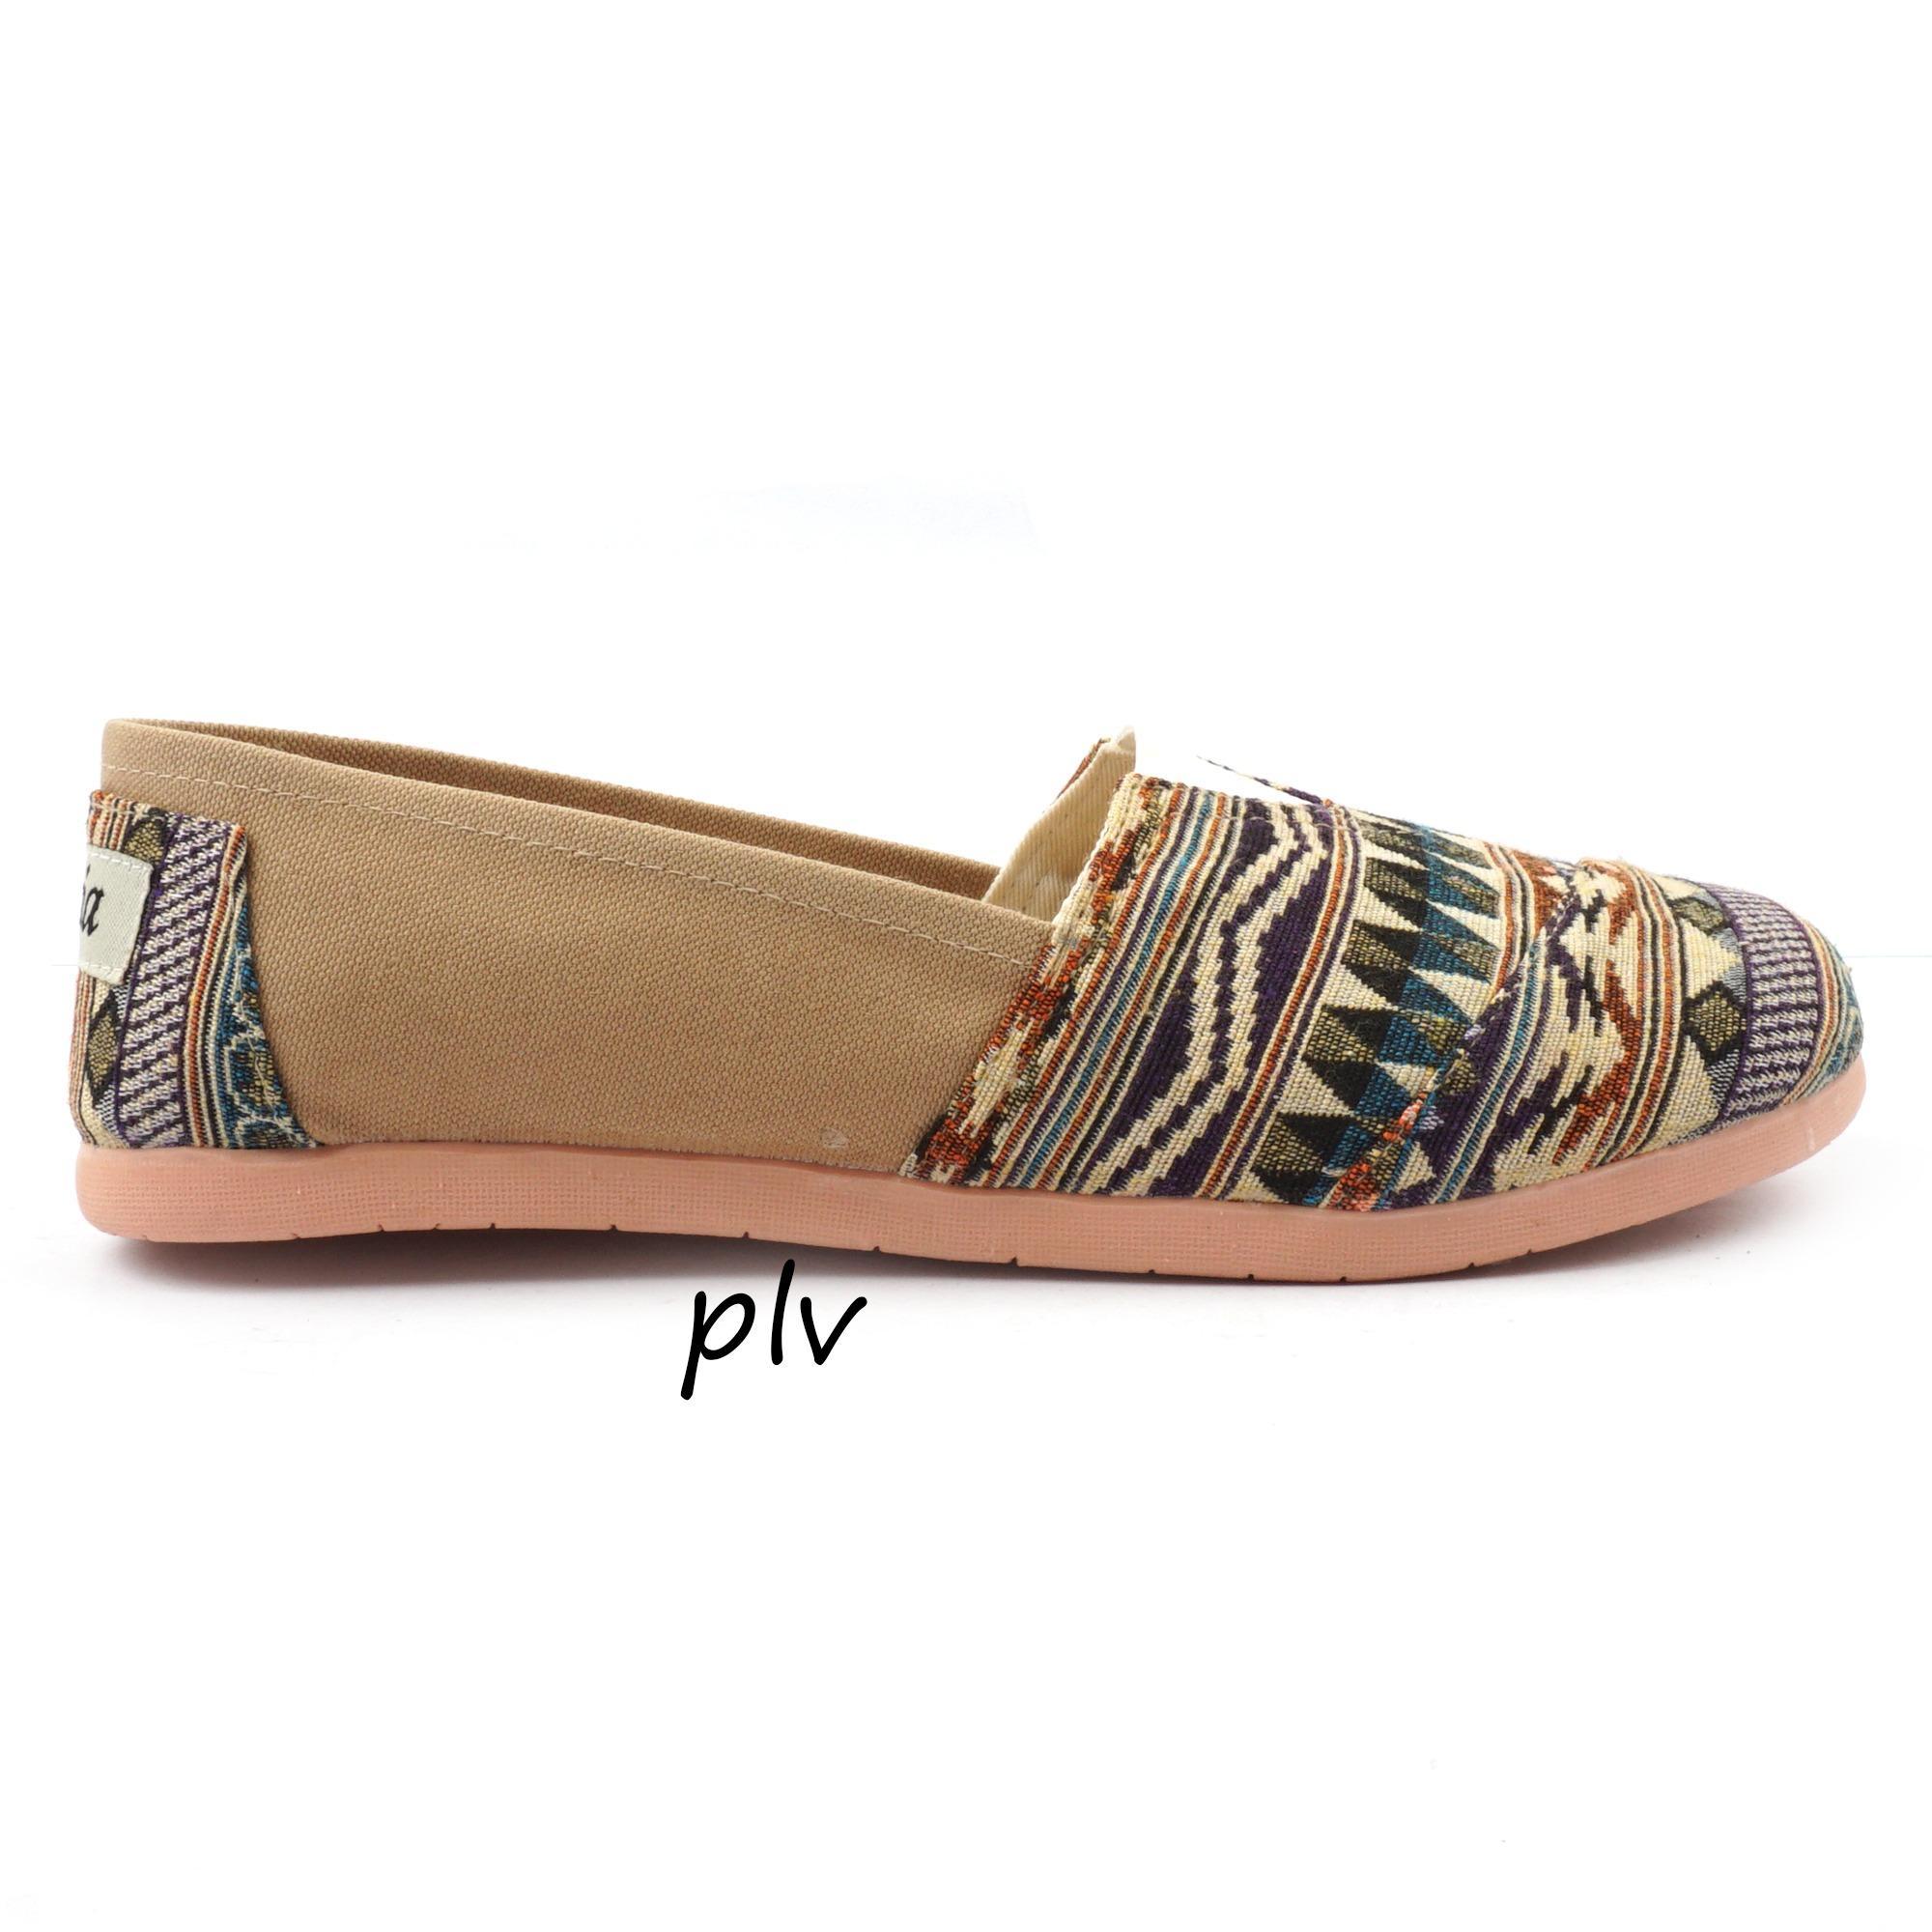 Azkashoes Sepatu Boot Wanita Maroon Zpr01 - Daftar Harga Termurah ... f7b013deae